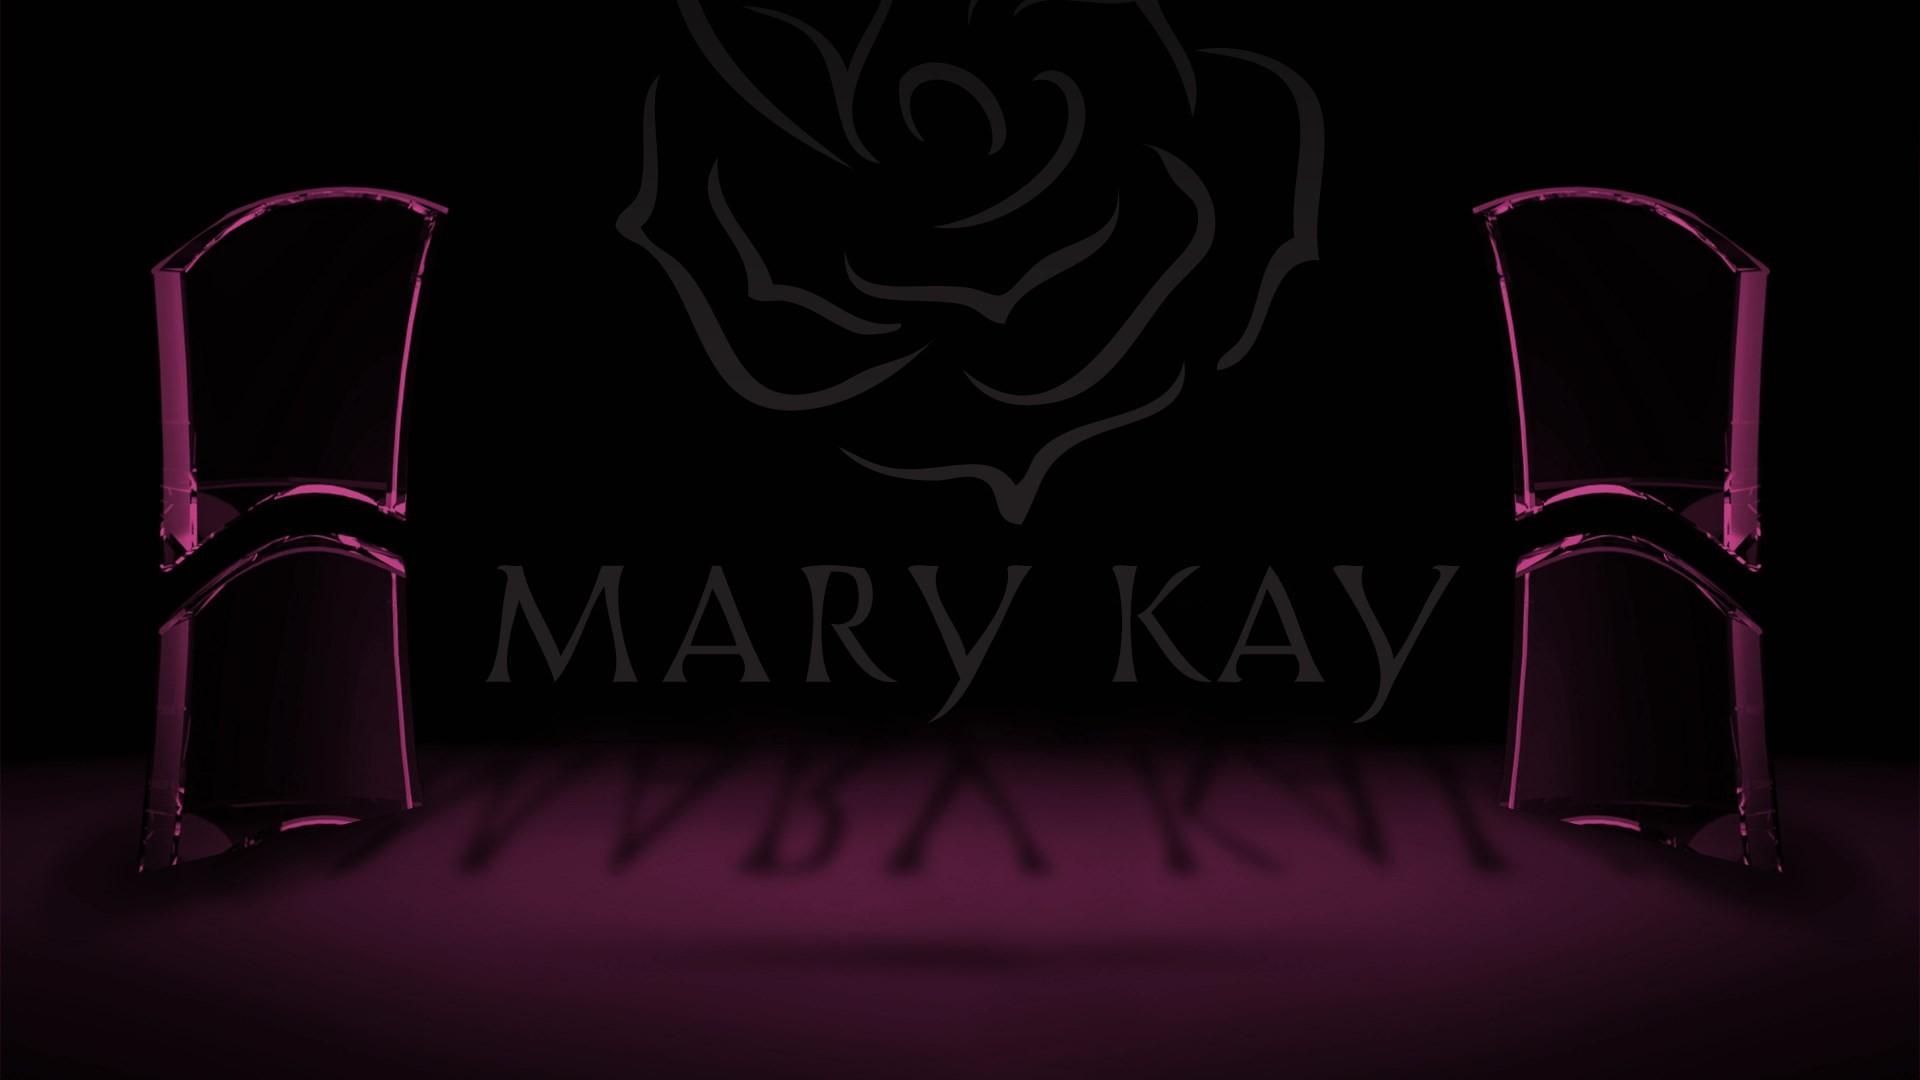 mary kay desktop wallpaper …